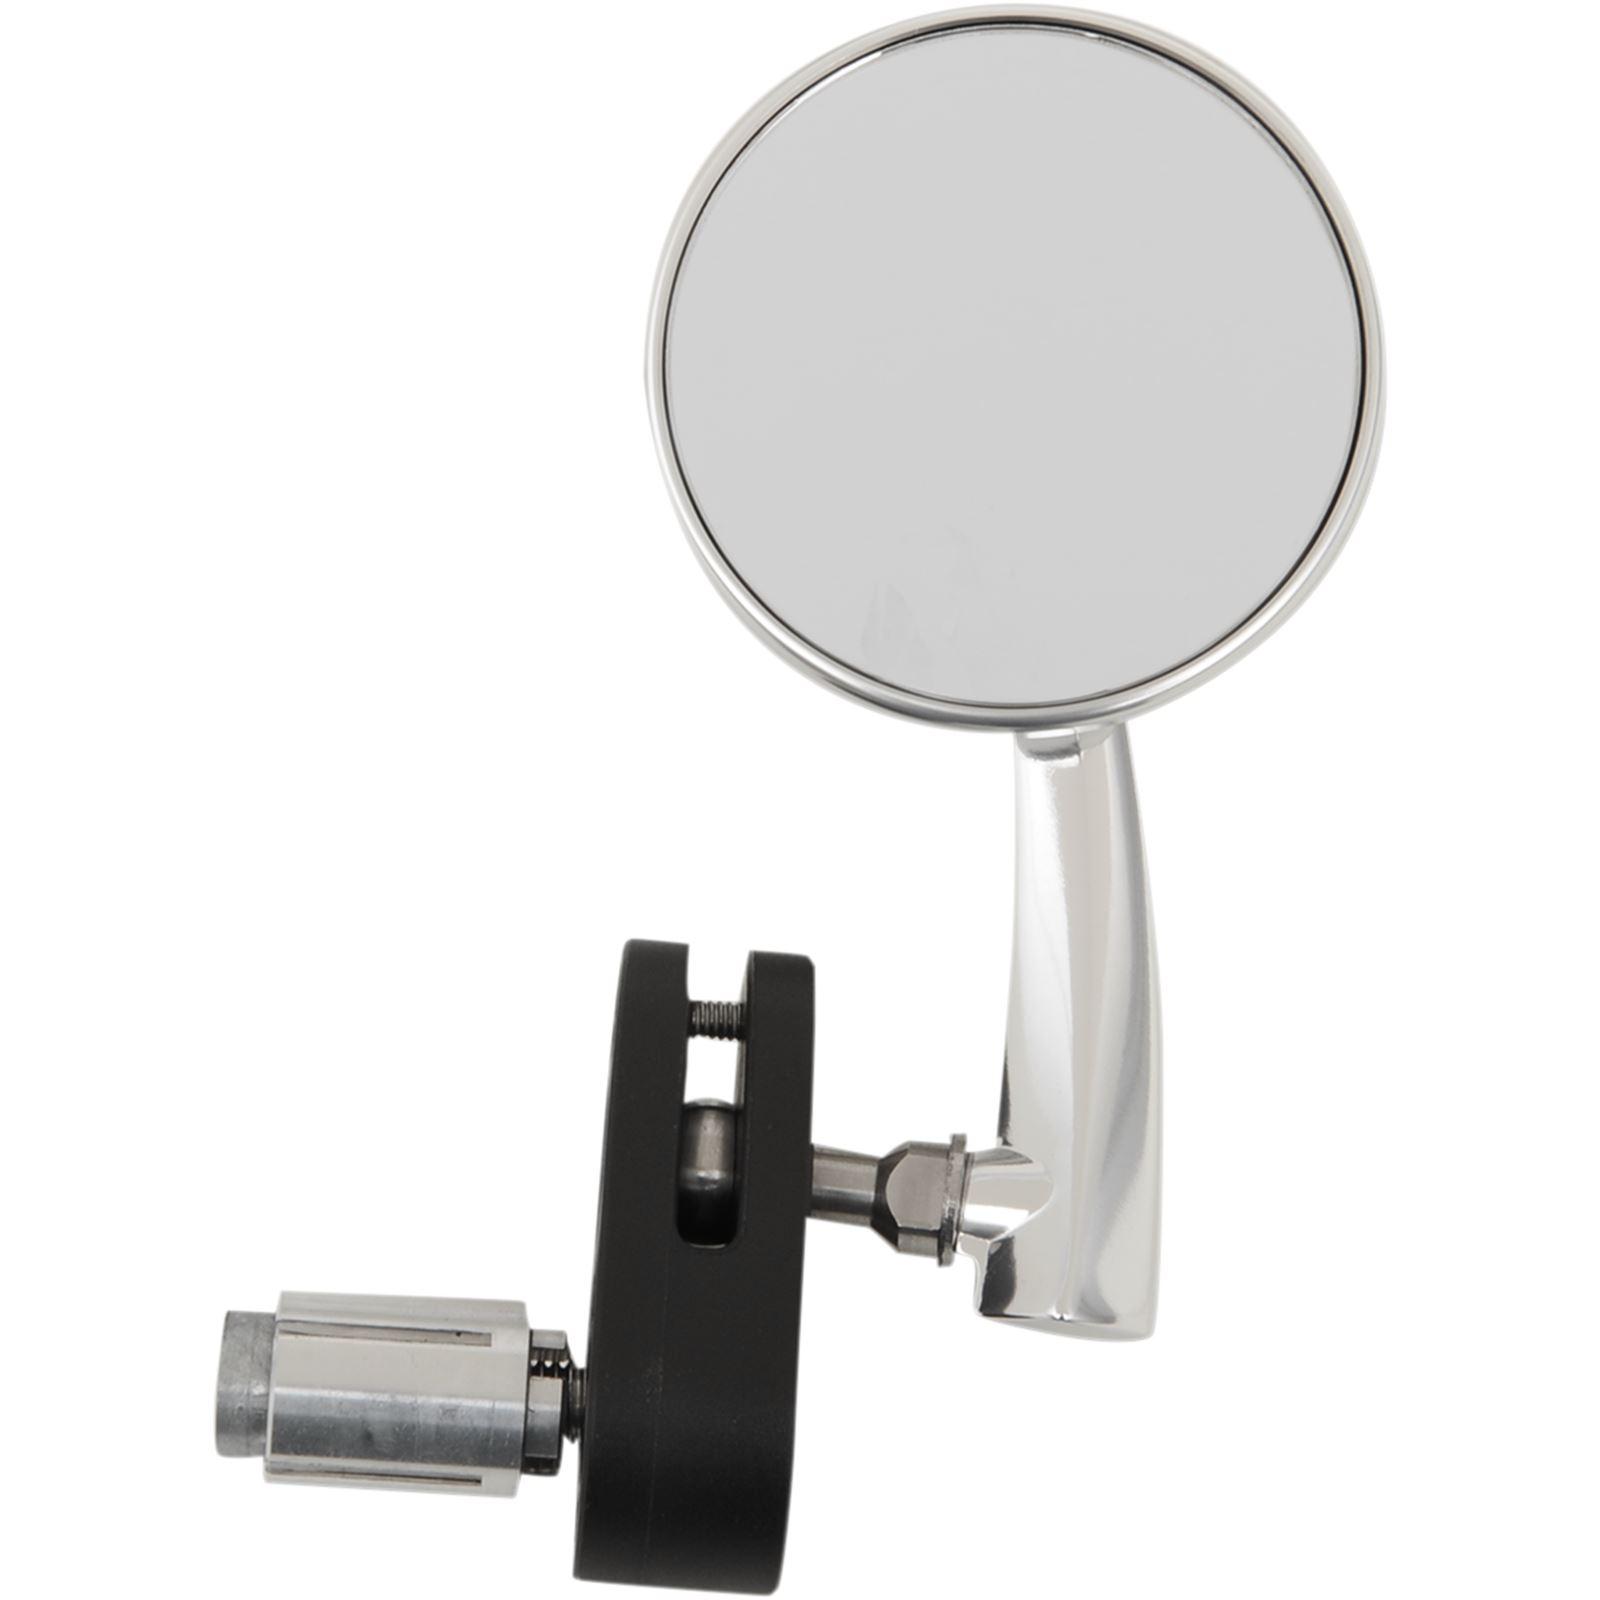 Emgo Bar End Mirror - Black - Right